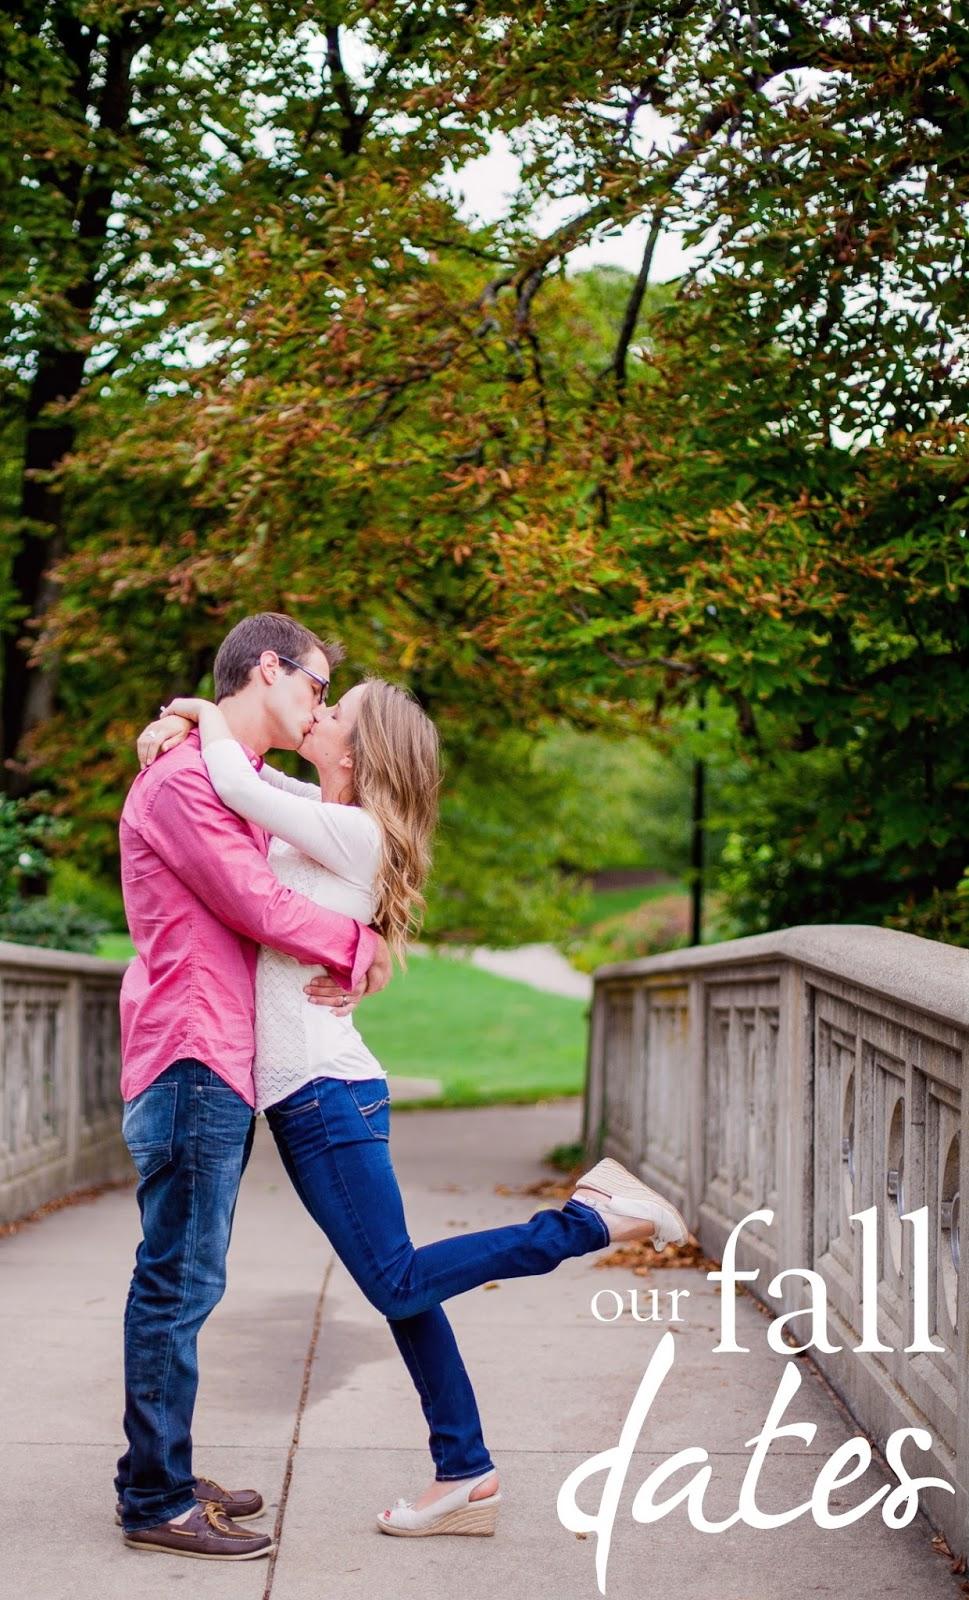 14 fun fall dates